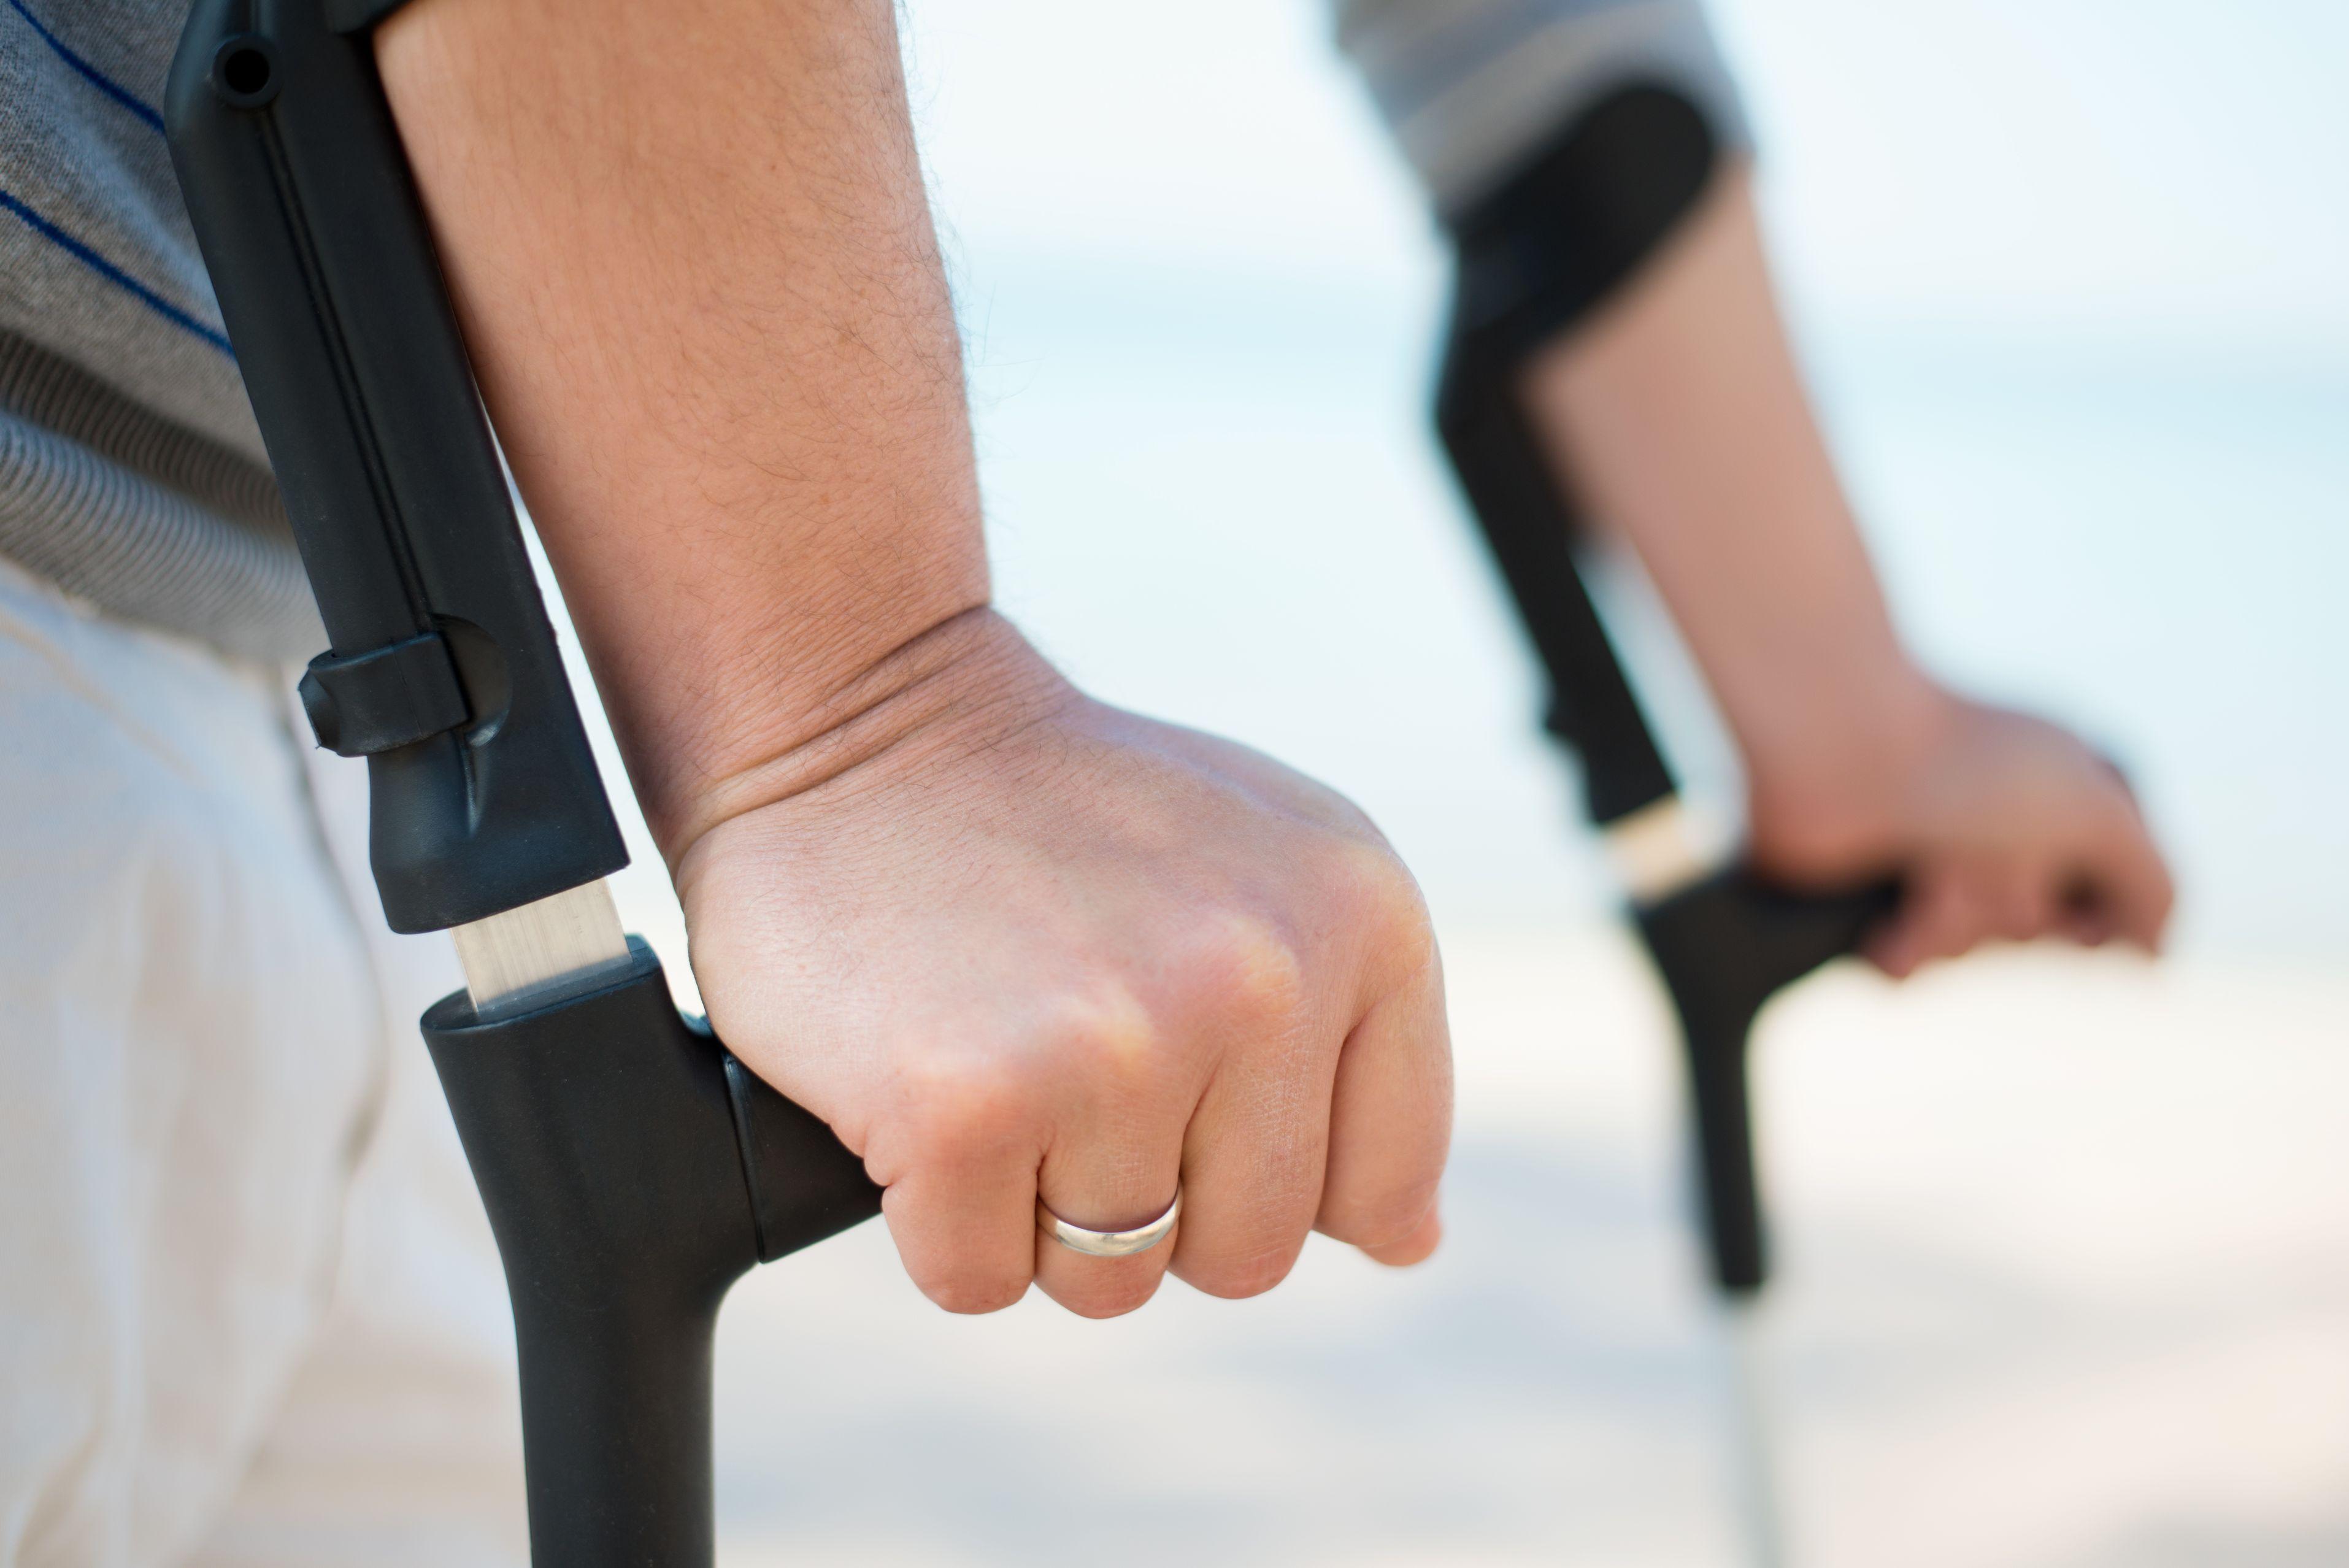 Hasta 6 mp diarios gasta una persona con esclerosis múltiple